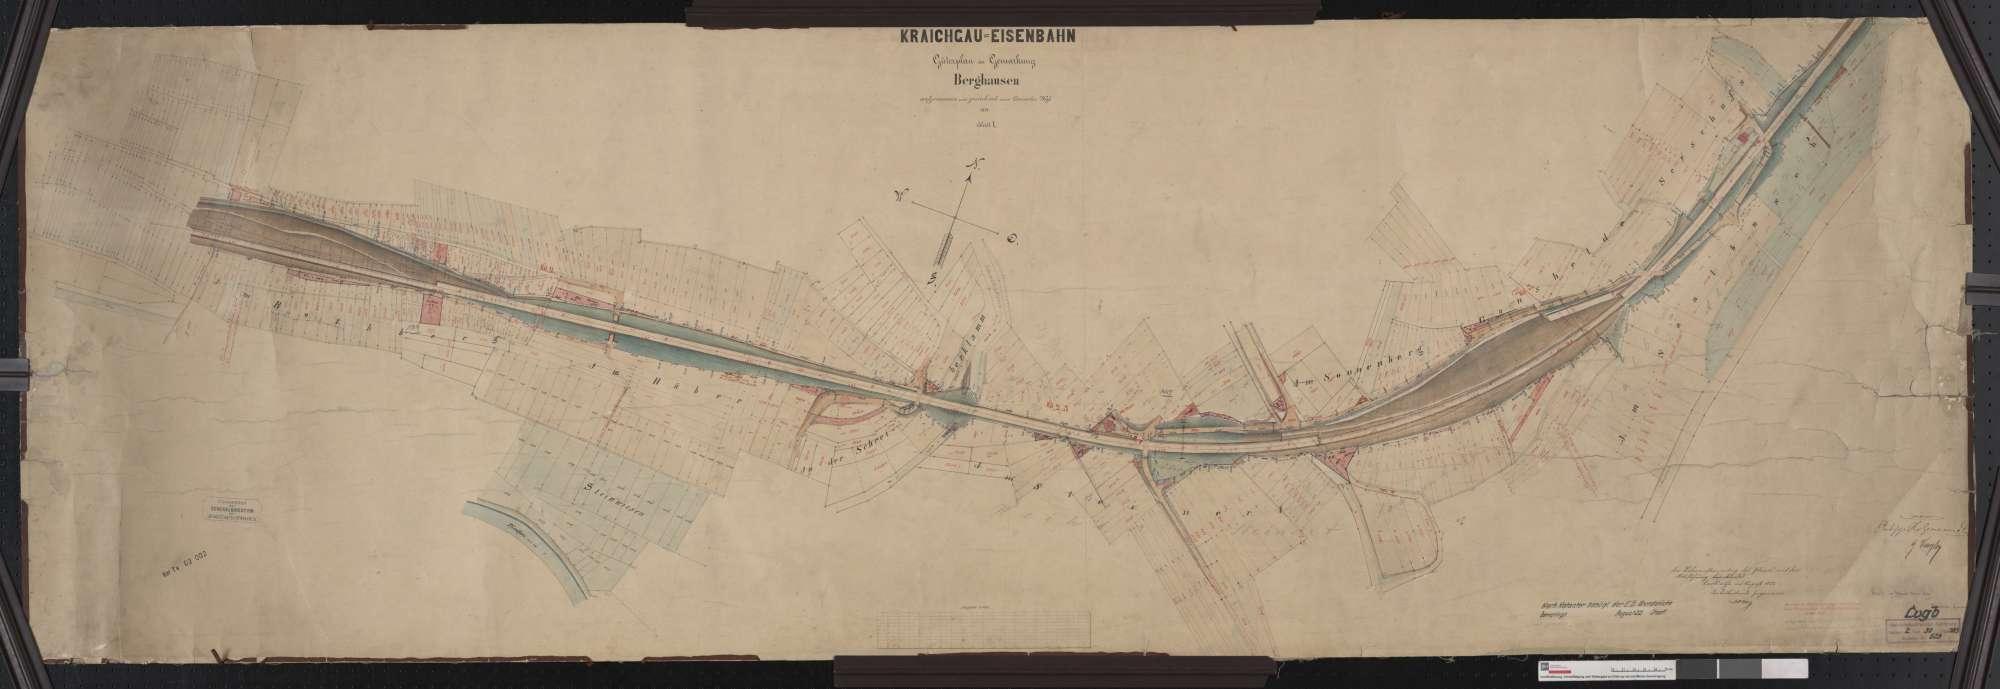 Güterplan der Kraichgaubahn: Gemarkung Berghausen Streckenausschnitt: 1,7 bis 3,4 km, Bild 1